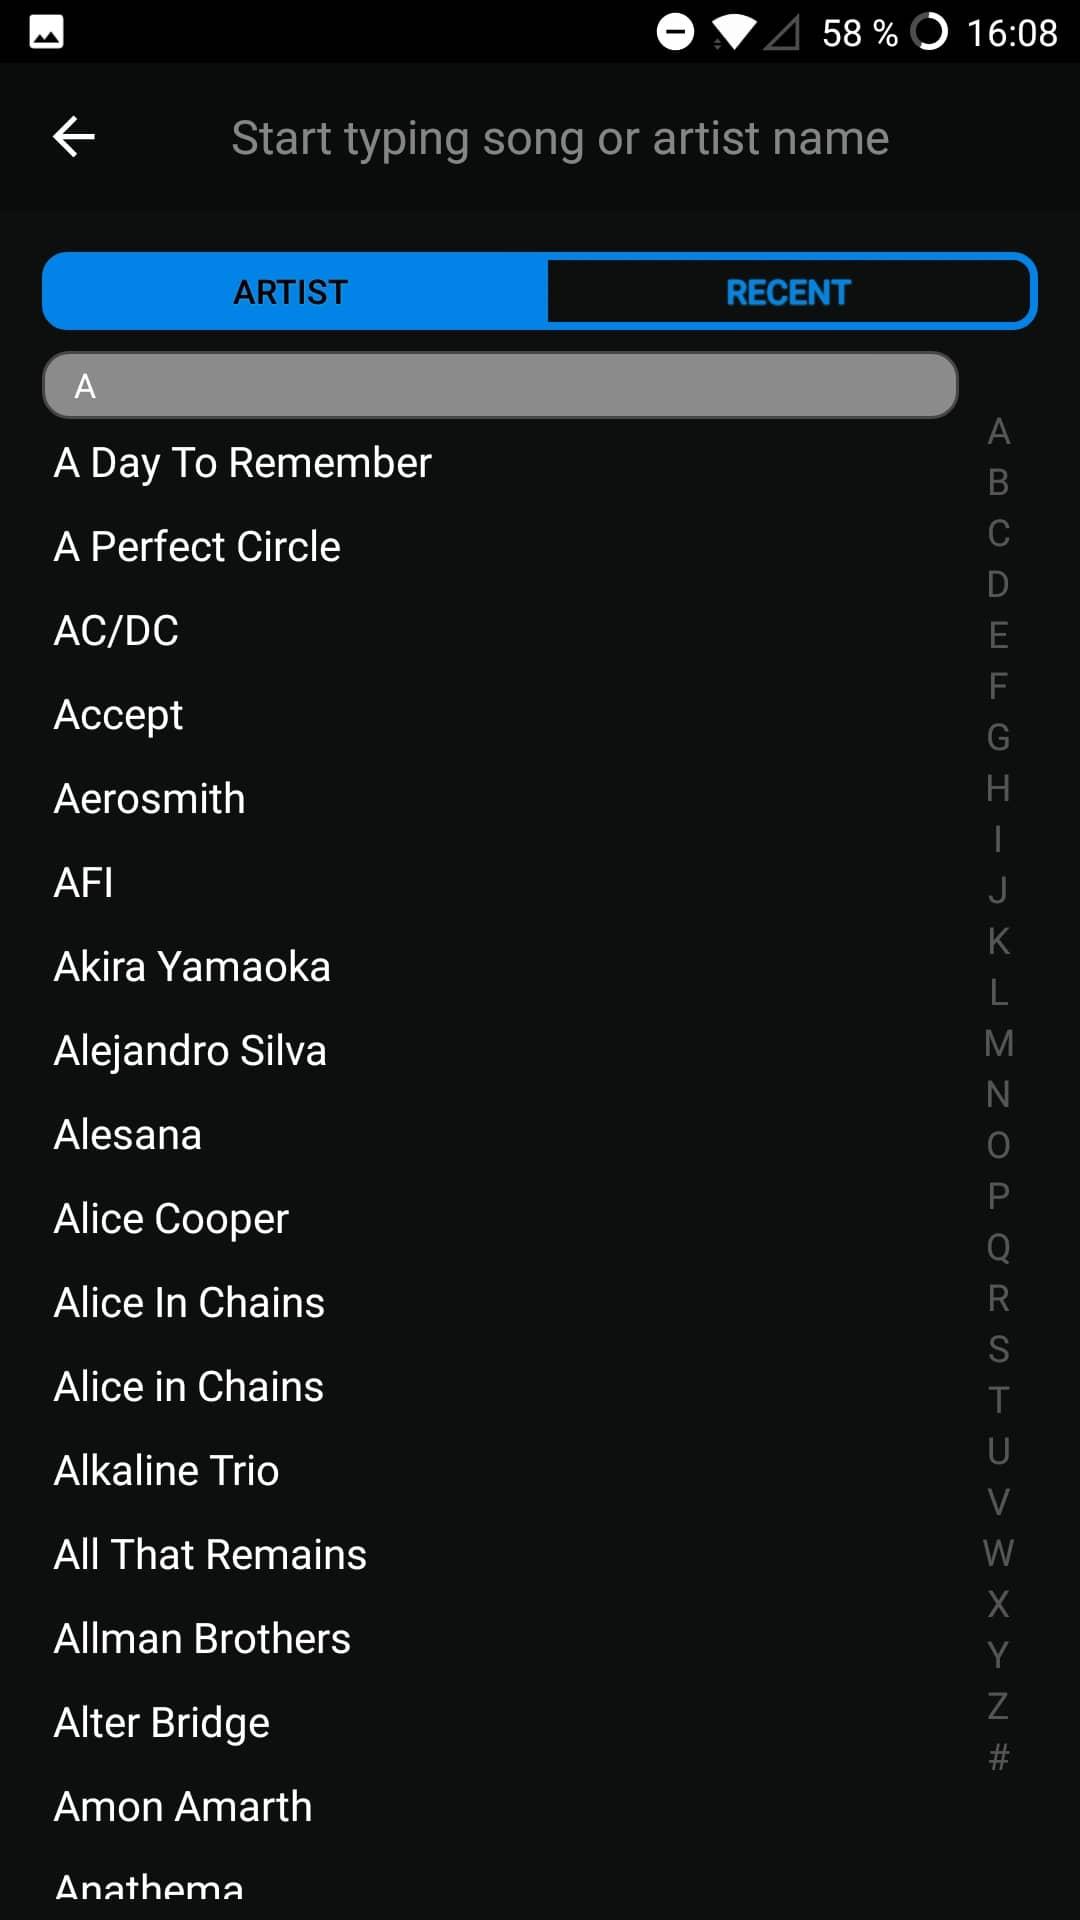 Fret Zealot im Test: Lernen mit Lichteffekten - Die Liste an Bands und ihren Liedern zum Nachspielen ist lang. (Bild: Alexander Merz/Golem.de)